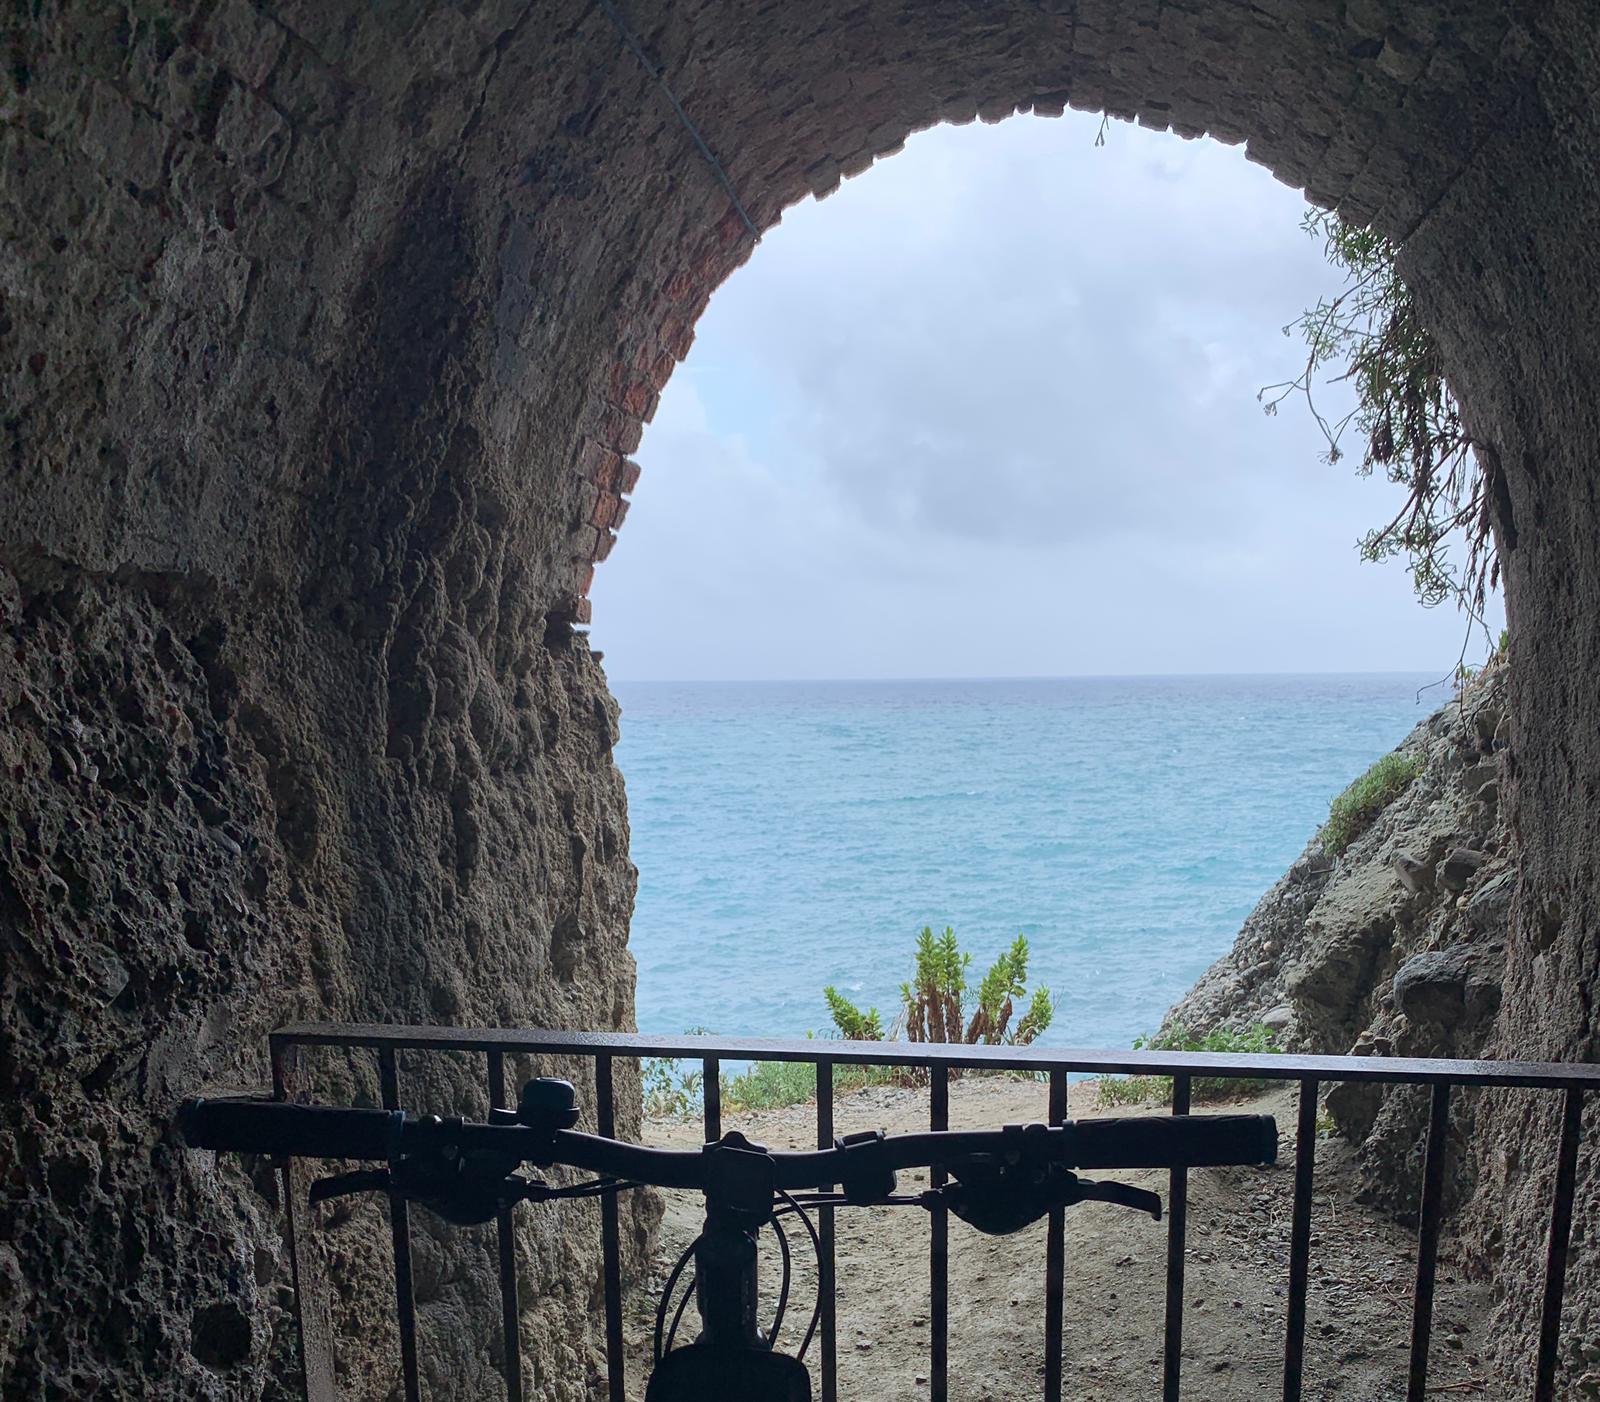 Dove le gallerie si aprono verso il mare, è sempre il caso di fermarsi a dare uno sguardo.